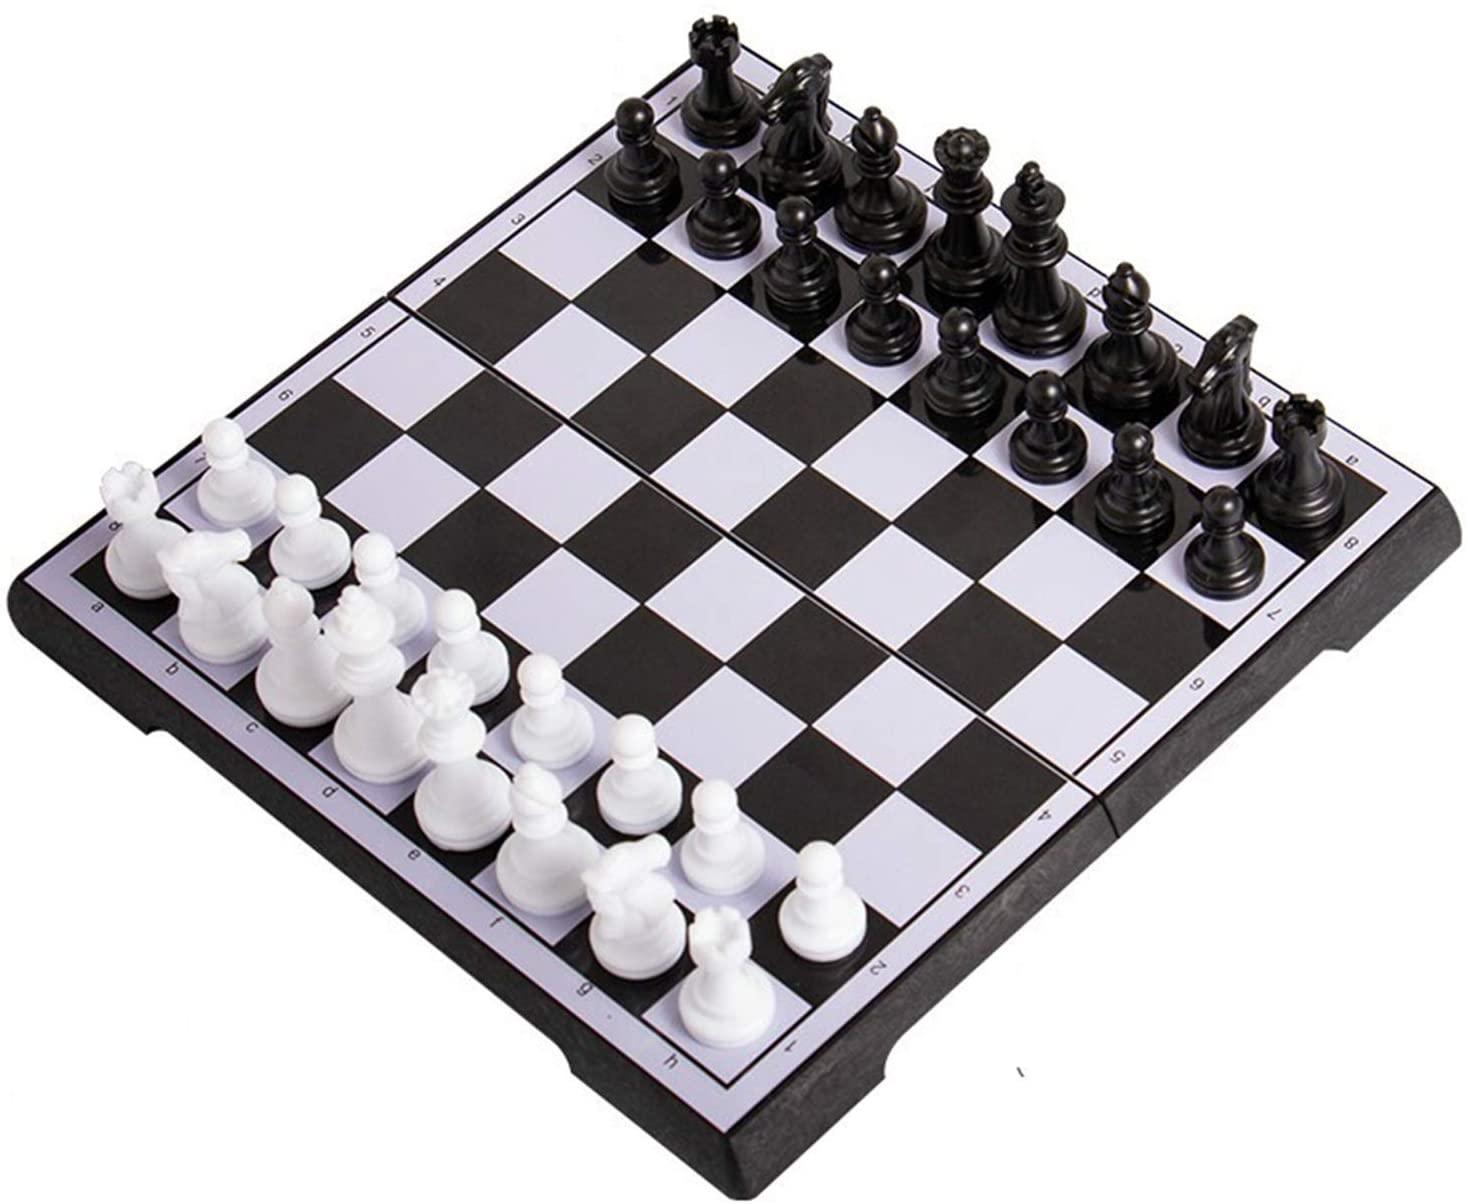 XCYY 체스트 자기 체스 설정한 외국 무역 끝 체스 자기 체스 어린이의 작은 휴대용 소형 폴딩 판 체스트(색상:노랑)